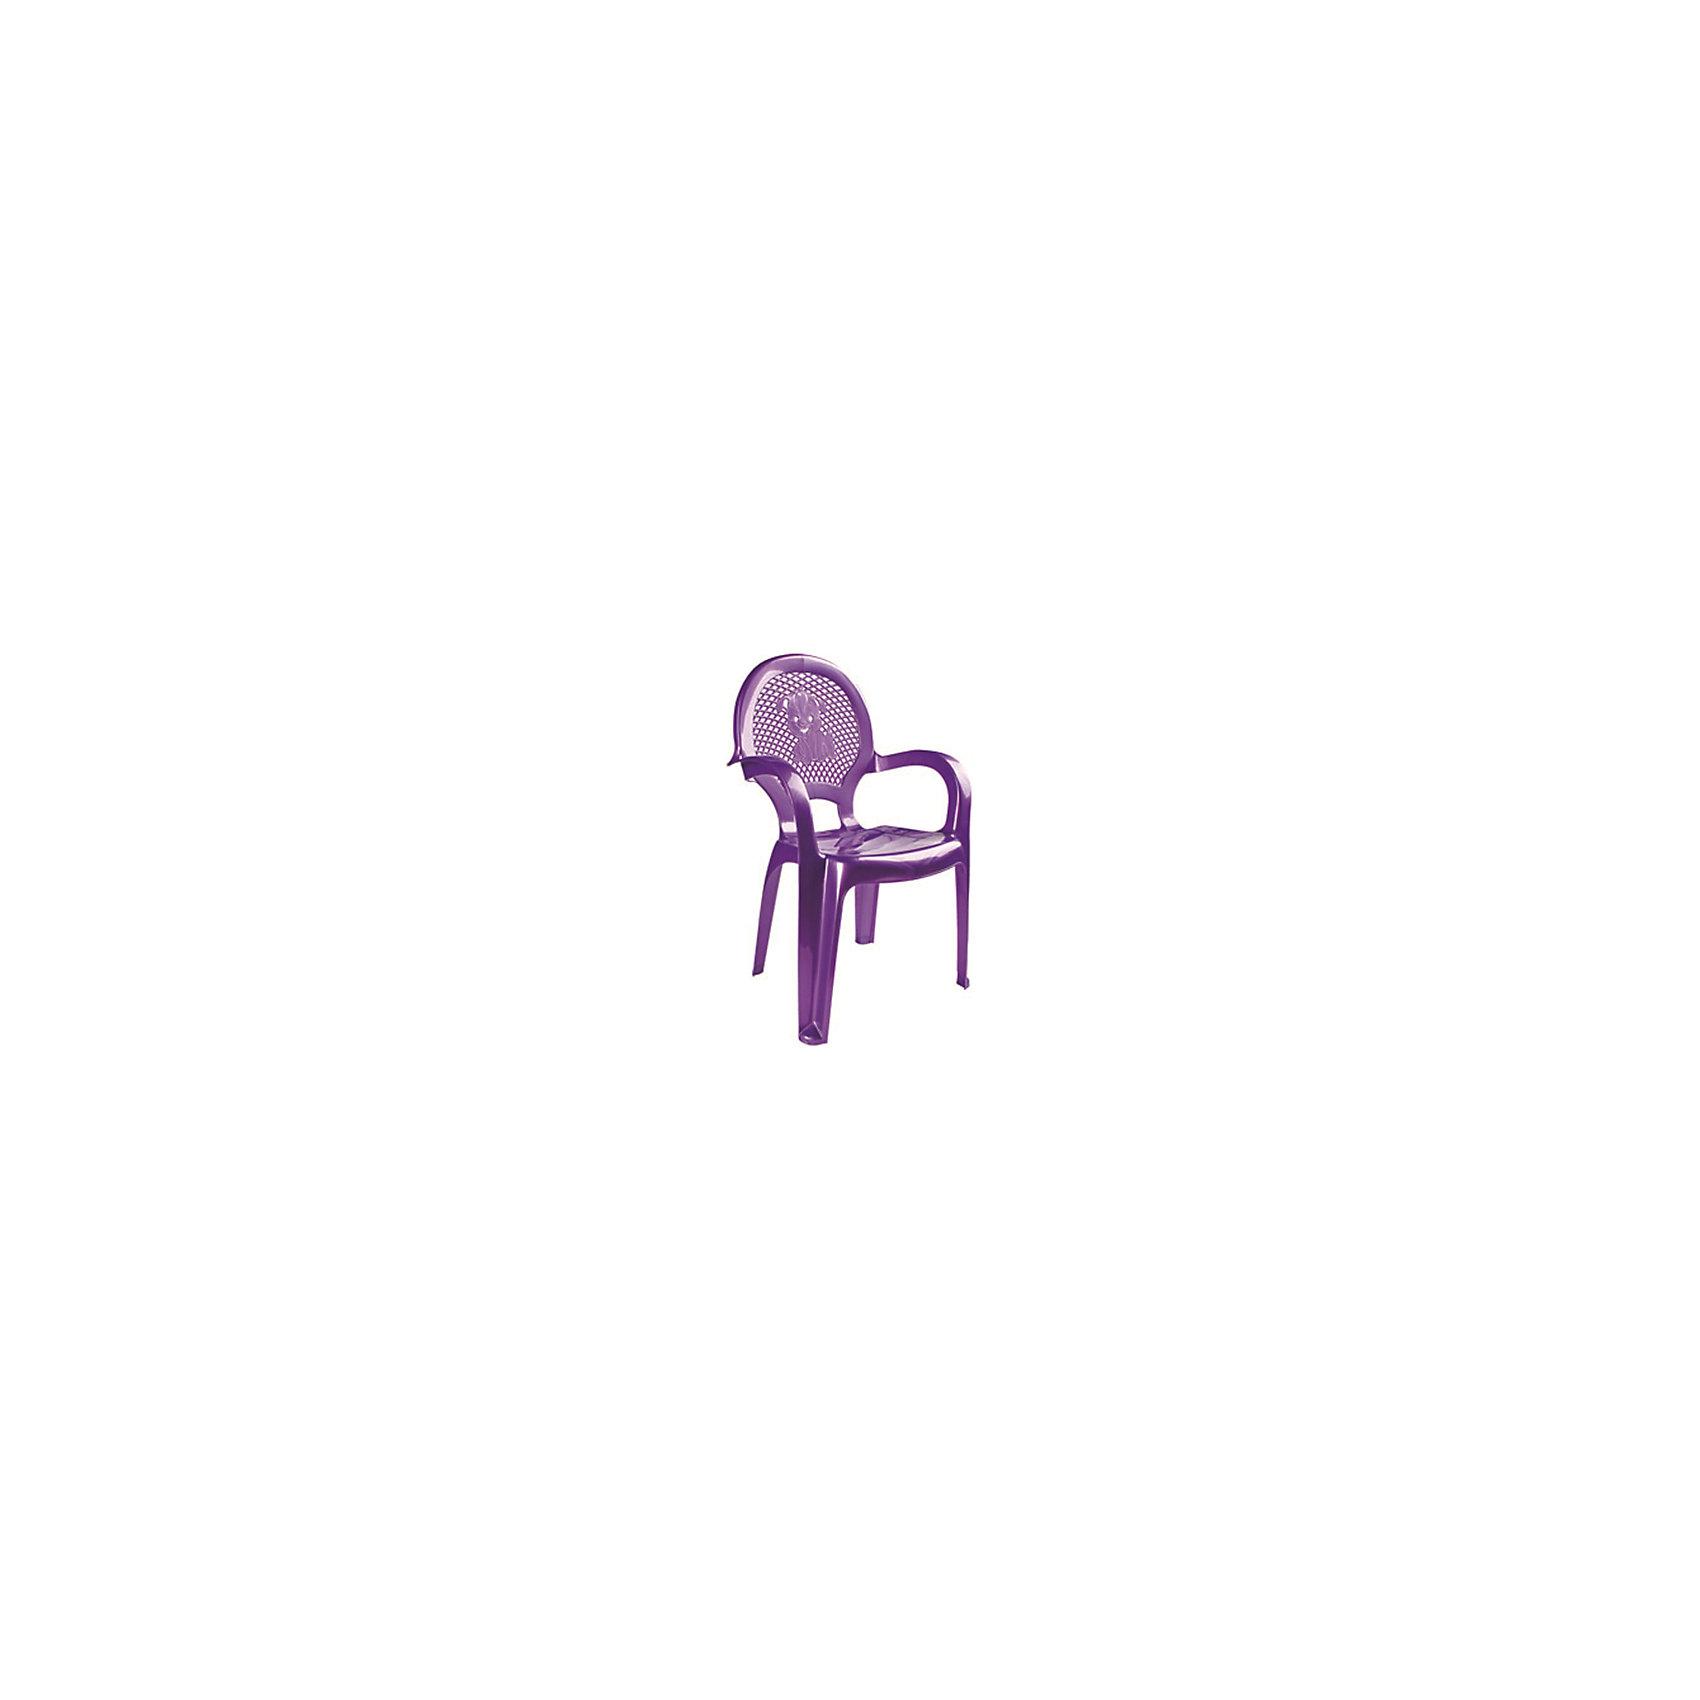 Фиолетовый стулМебель<br>Яркий, удобный стульчик для вашего малыша. Изделие изготовлено из высококачественной пластмассы с использованием современных технологий. Все условия для комфорта вашего малыша: спинка высокая, сетчатая, эргономичные подлокотники, форма компактная и удобная для хранения - стулья можно составить один в другой, легко моется водой с любым моющим средством. <br><br>Дополнительная информация:<br><br>Материал: пластик.<br>Размер: высота - 55 см.<br>Цвет: фиолетовый.<br><br>Детский стульчик в фиолетовом цвете, можно купить в нашем магазине.<br><br>Ширина мм: 750<br>Глубина мм: 480<br>Высота мм: 380<br>Вес г: 600<br>Возраст от месяцев: 24<br>Возраст до месяцев: 84<br>Пол: Унисекс<br>Возраст: Детский<br>SKU: 4718408